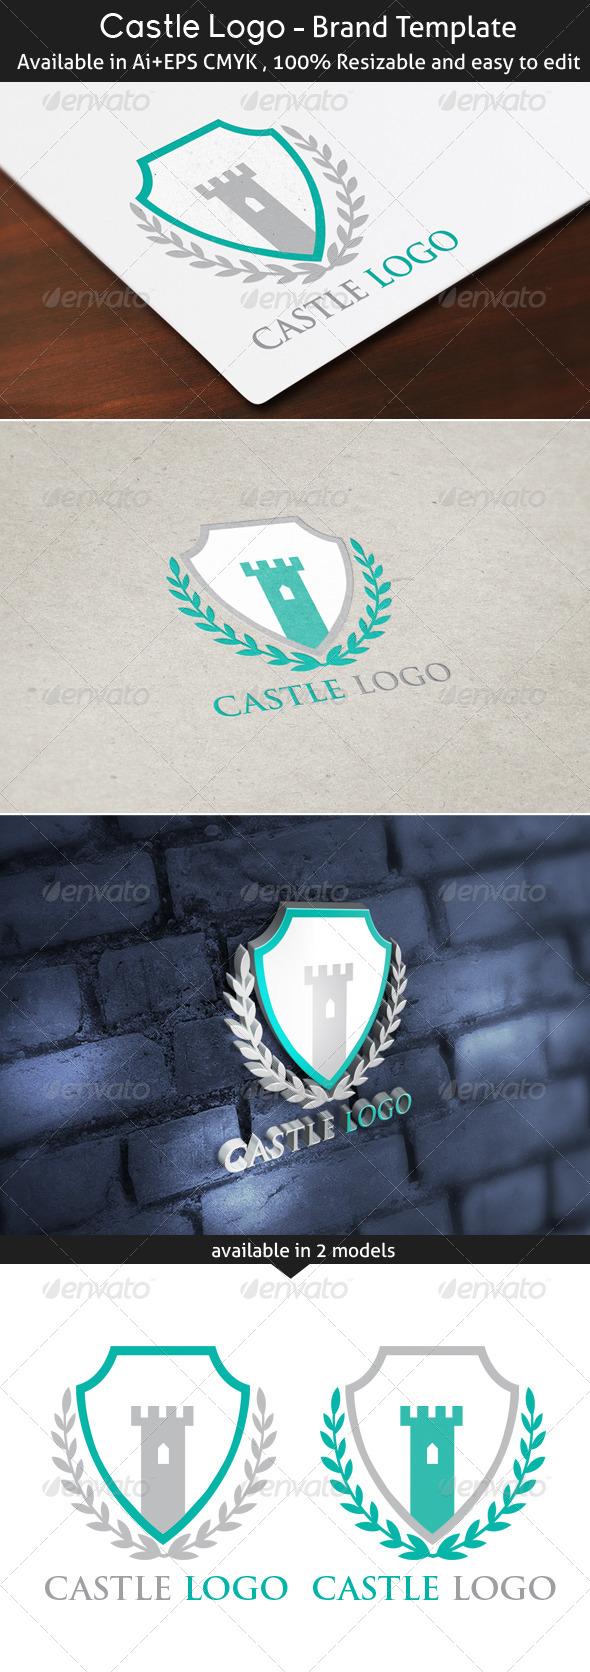 GraphicRiver Castle Logo 5333708